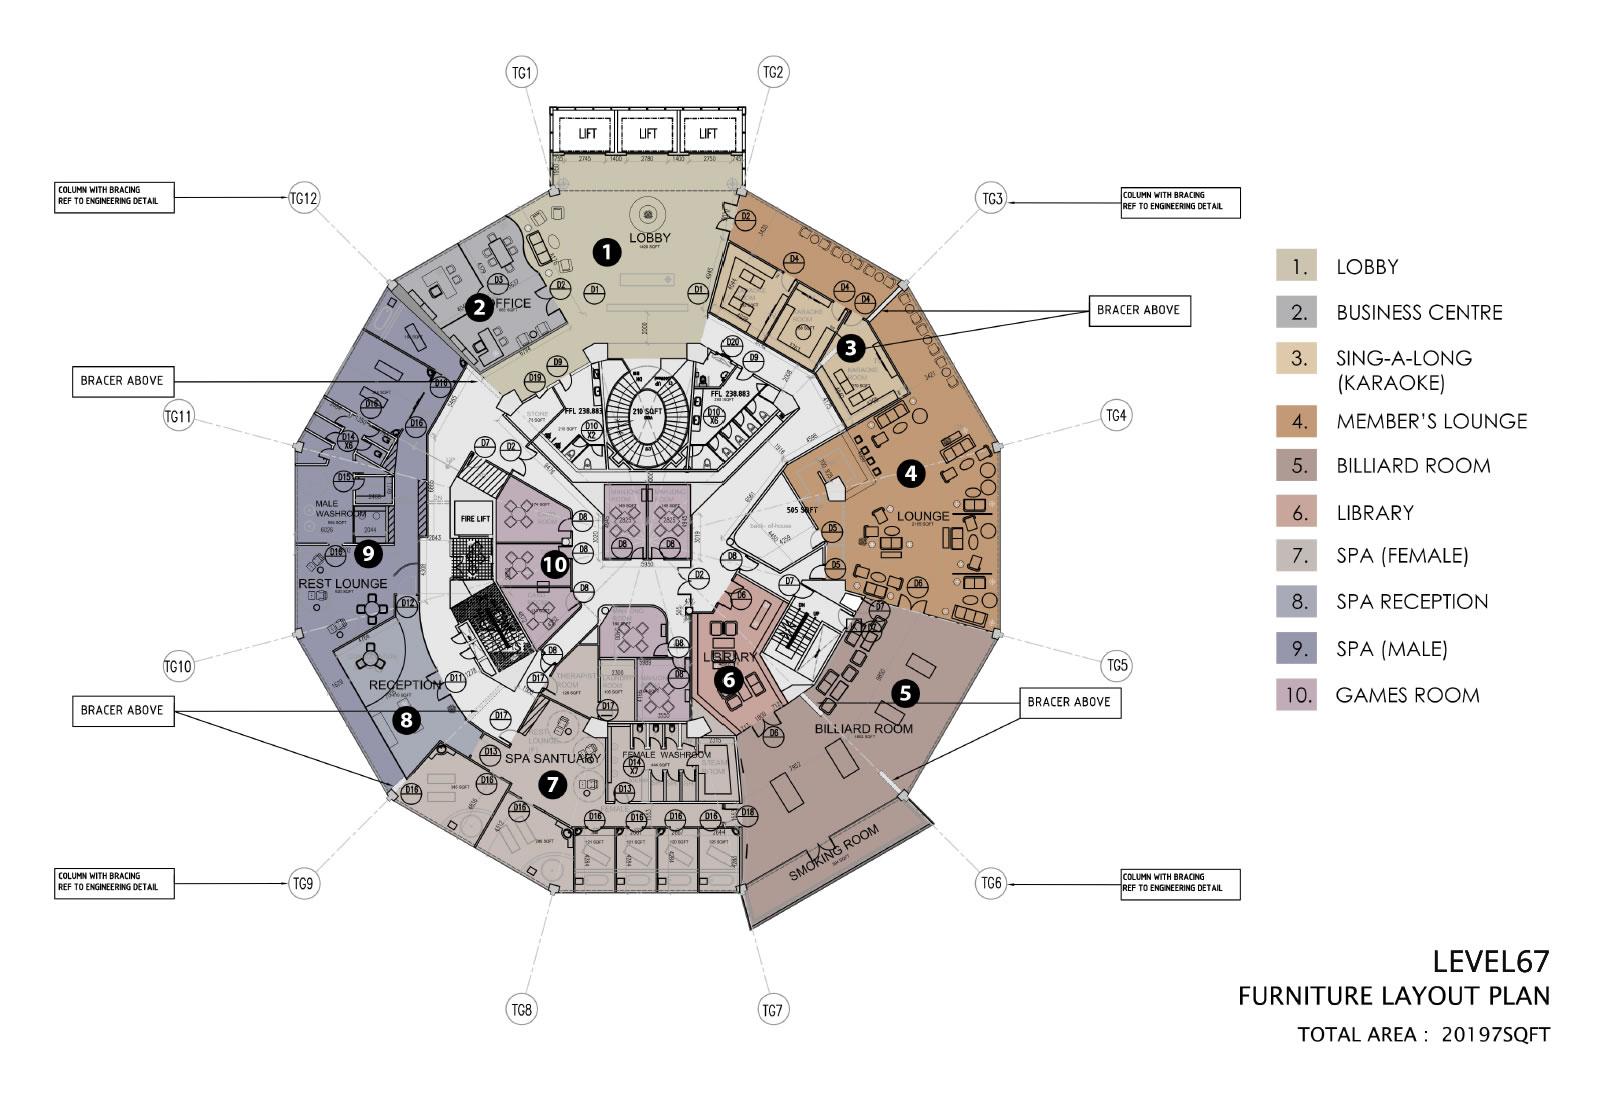 Komtar Level 67 Floor Plan